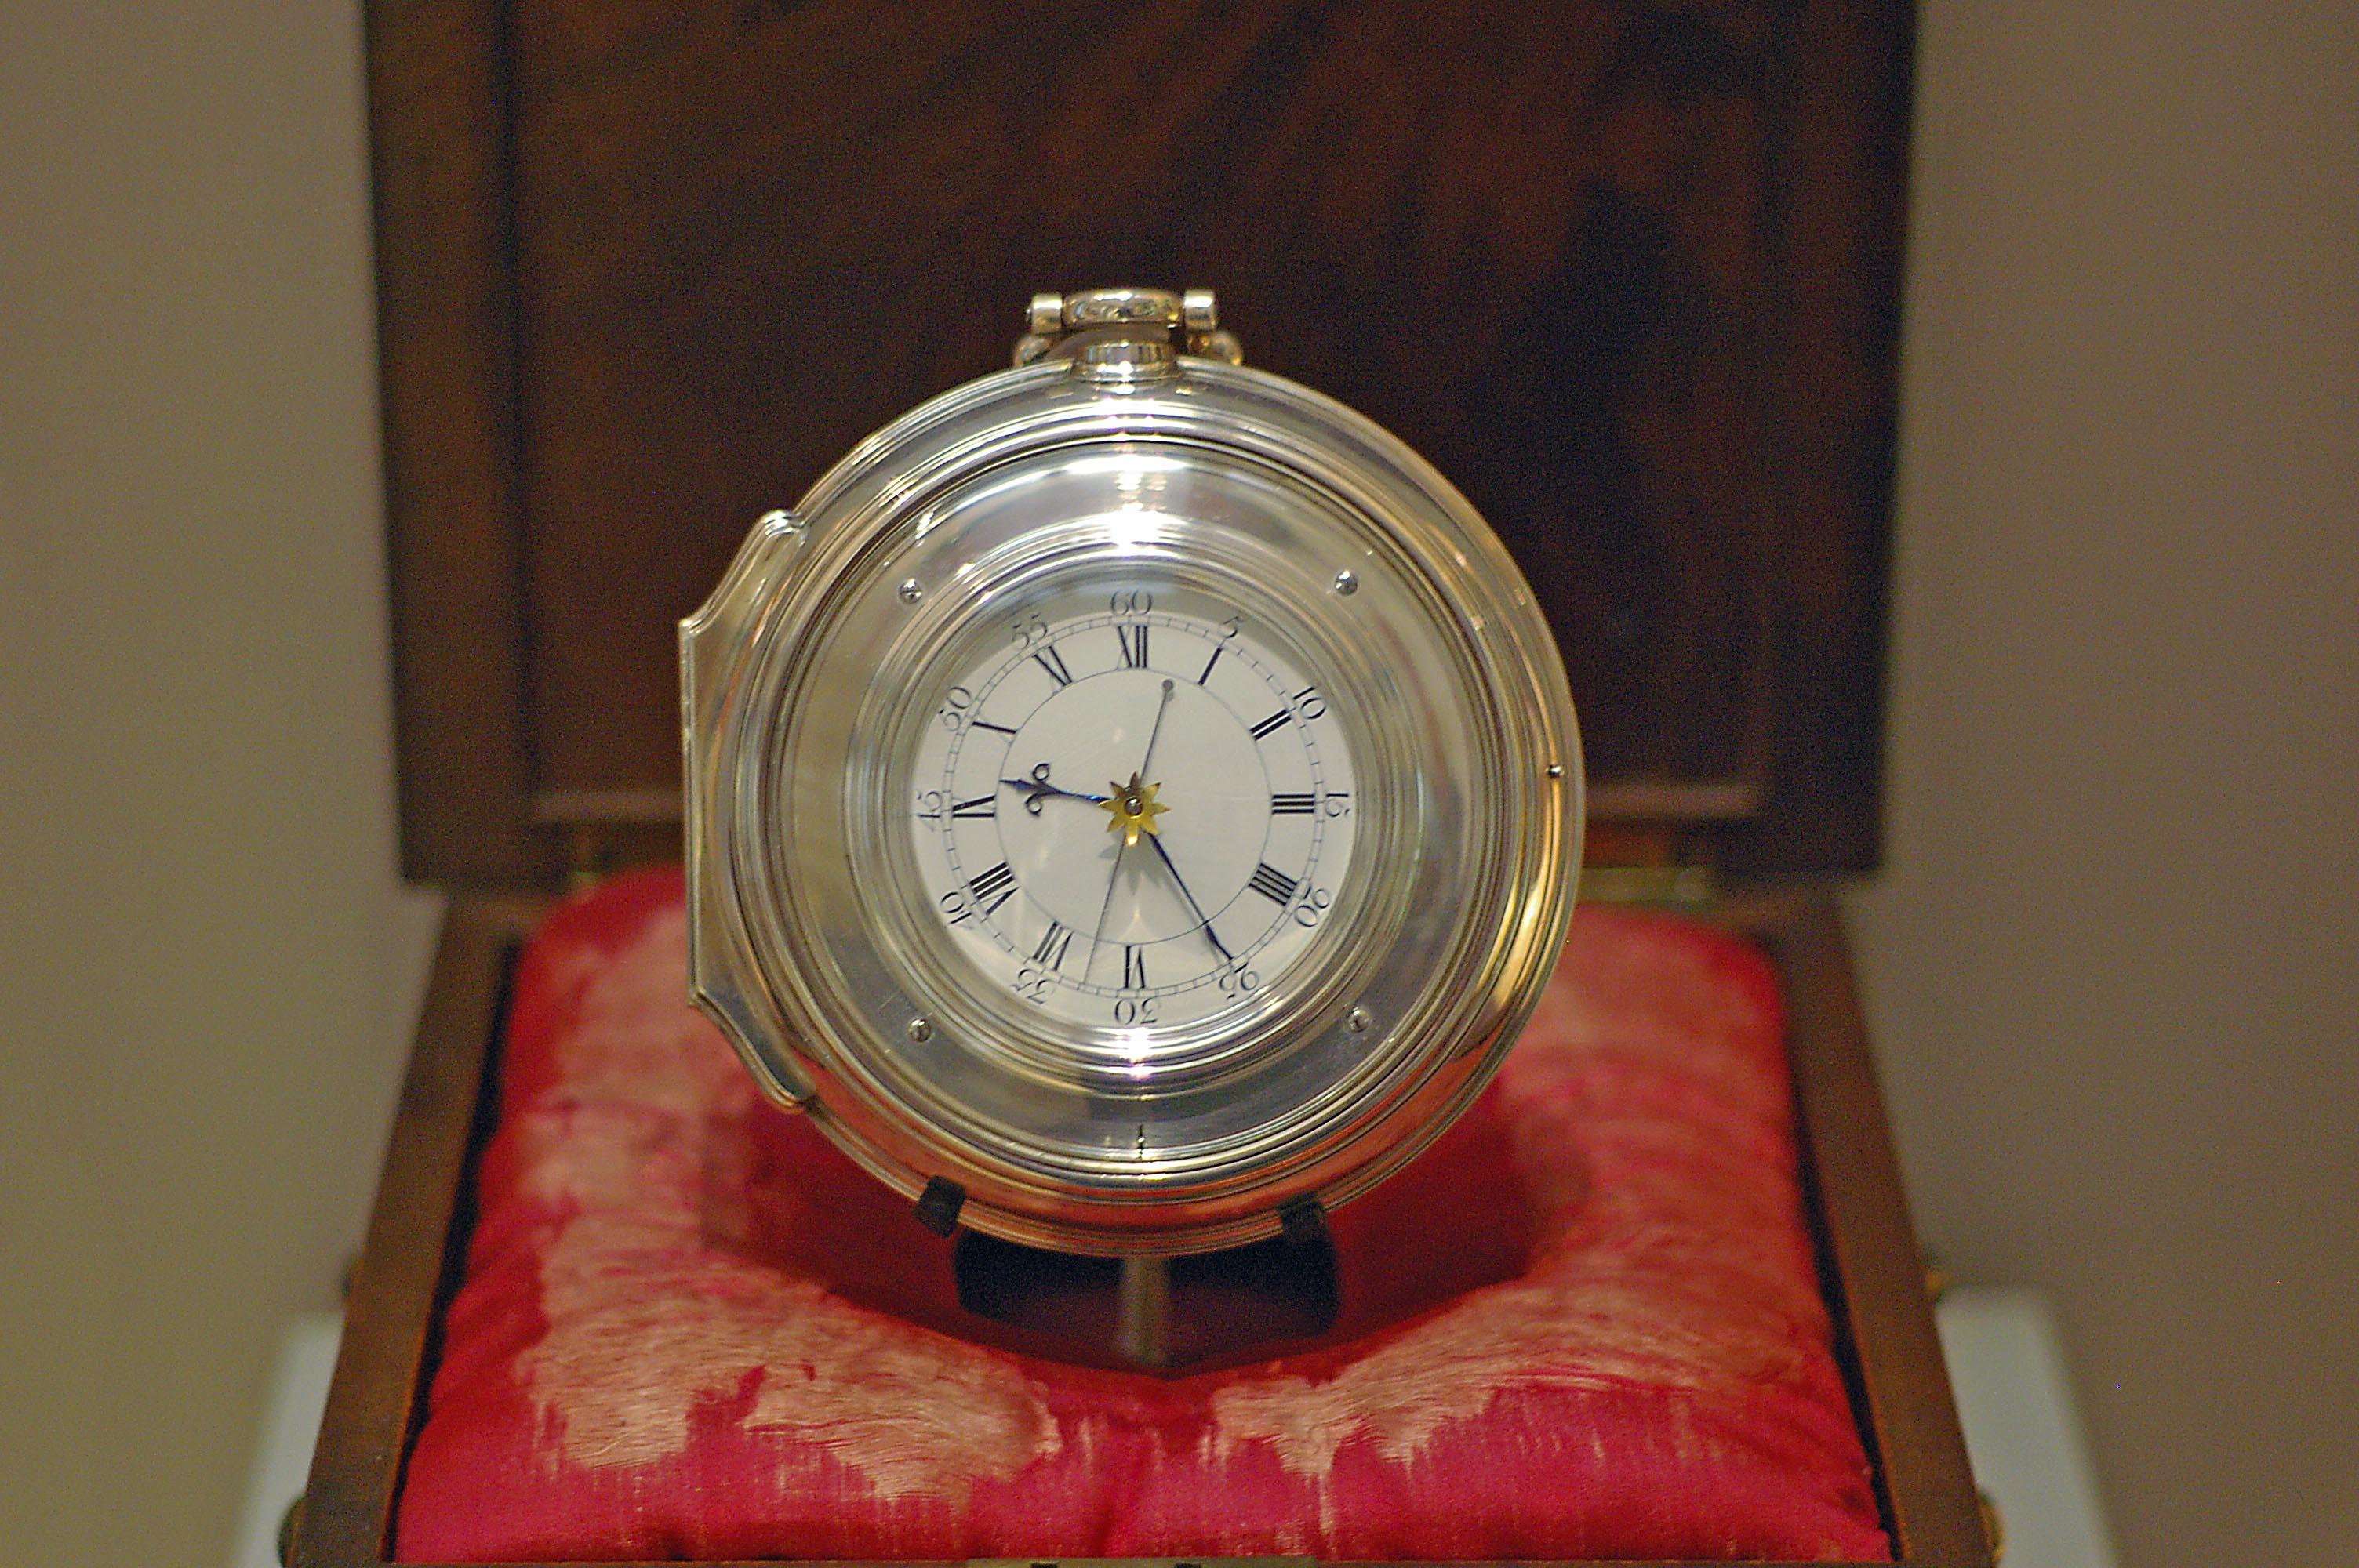 Harrison's H5 Chronometer